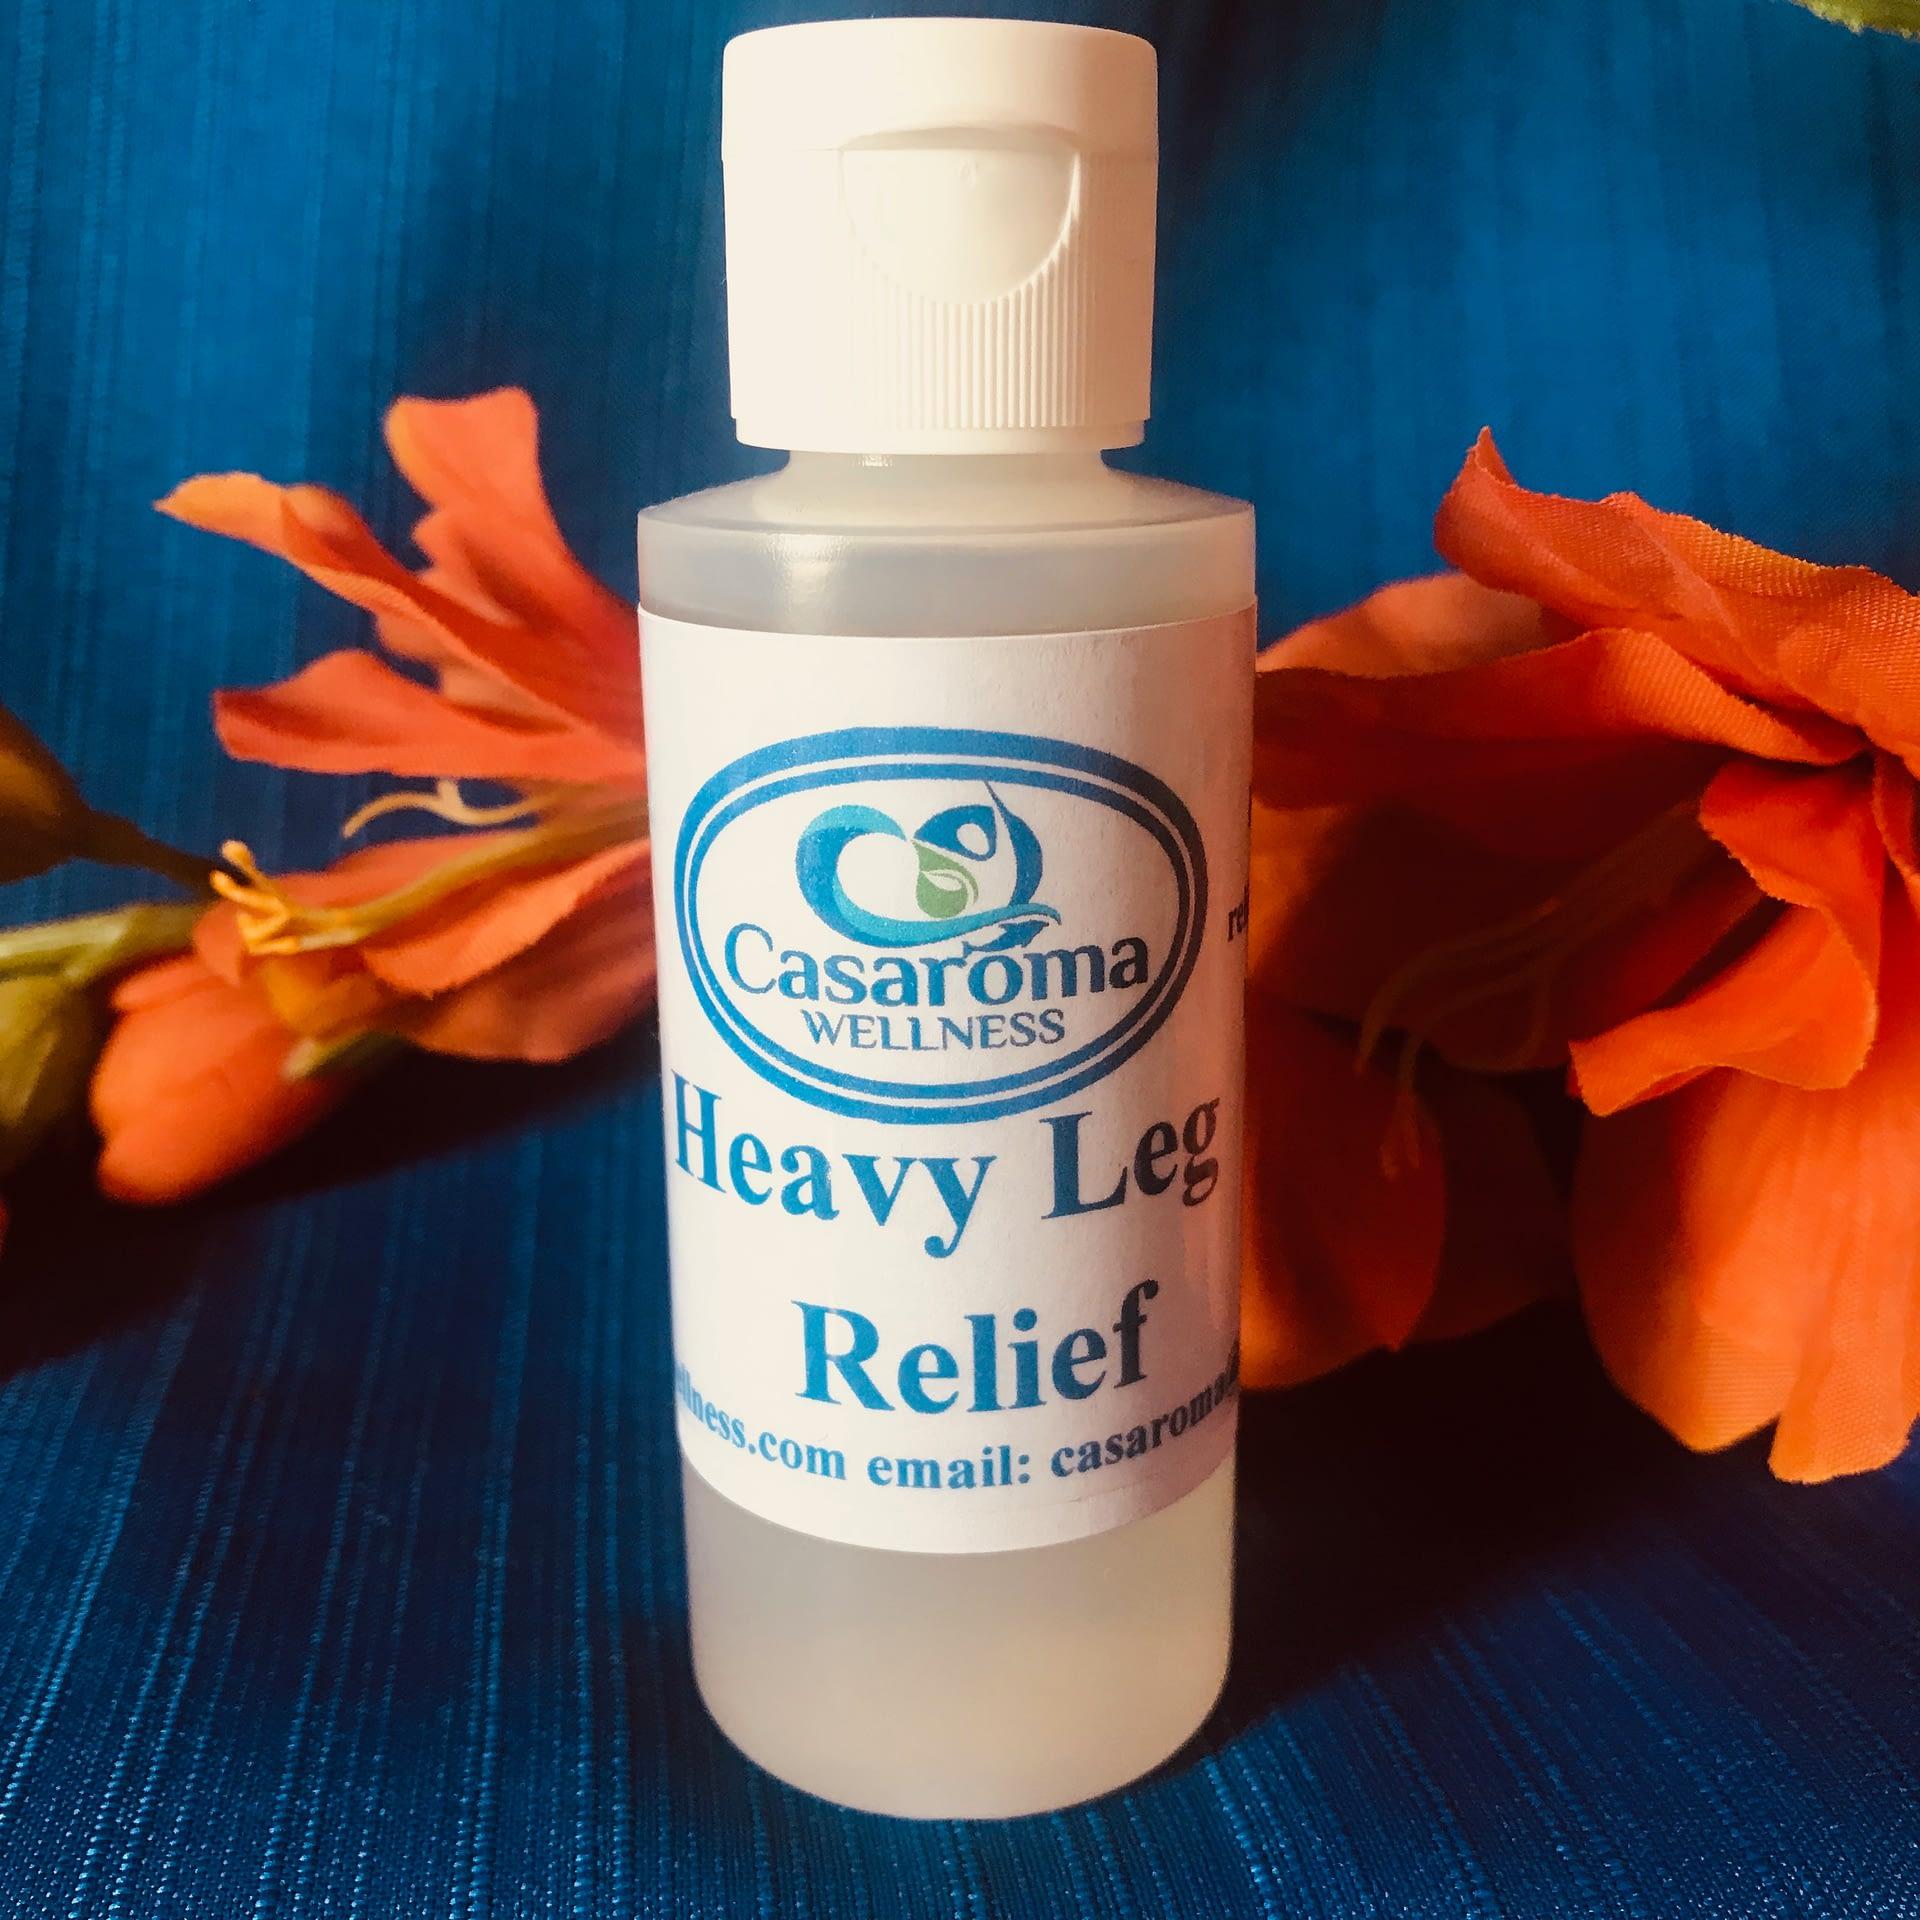 Heavy Leg Relief